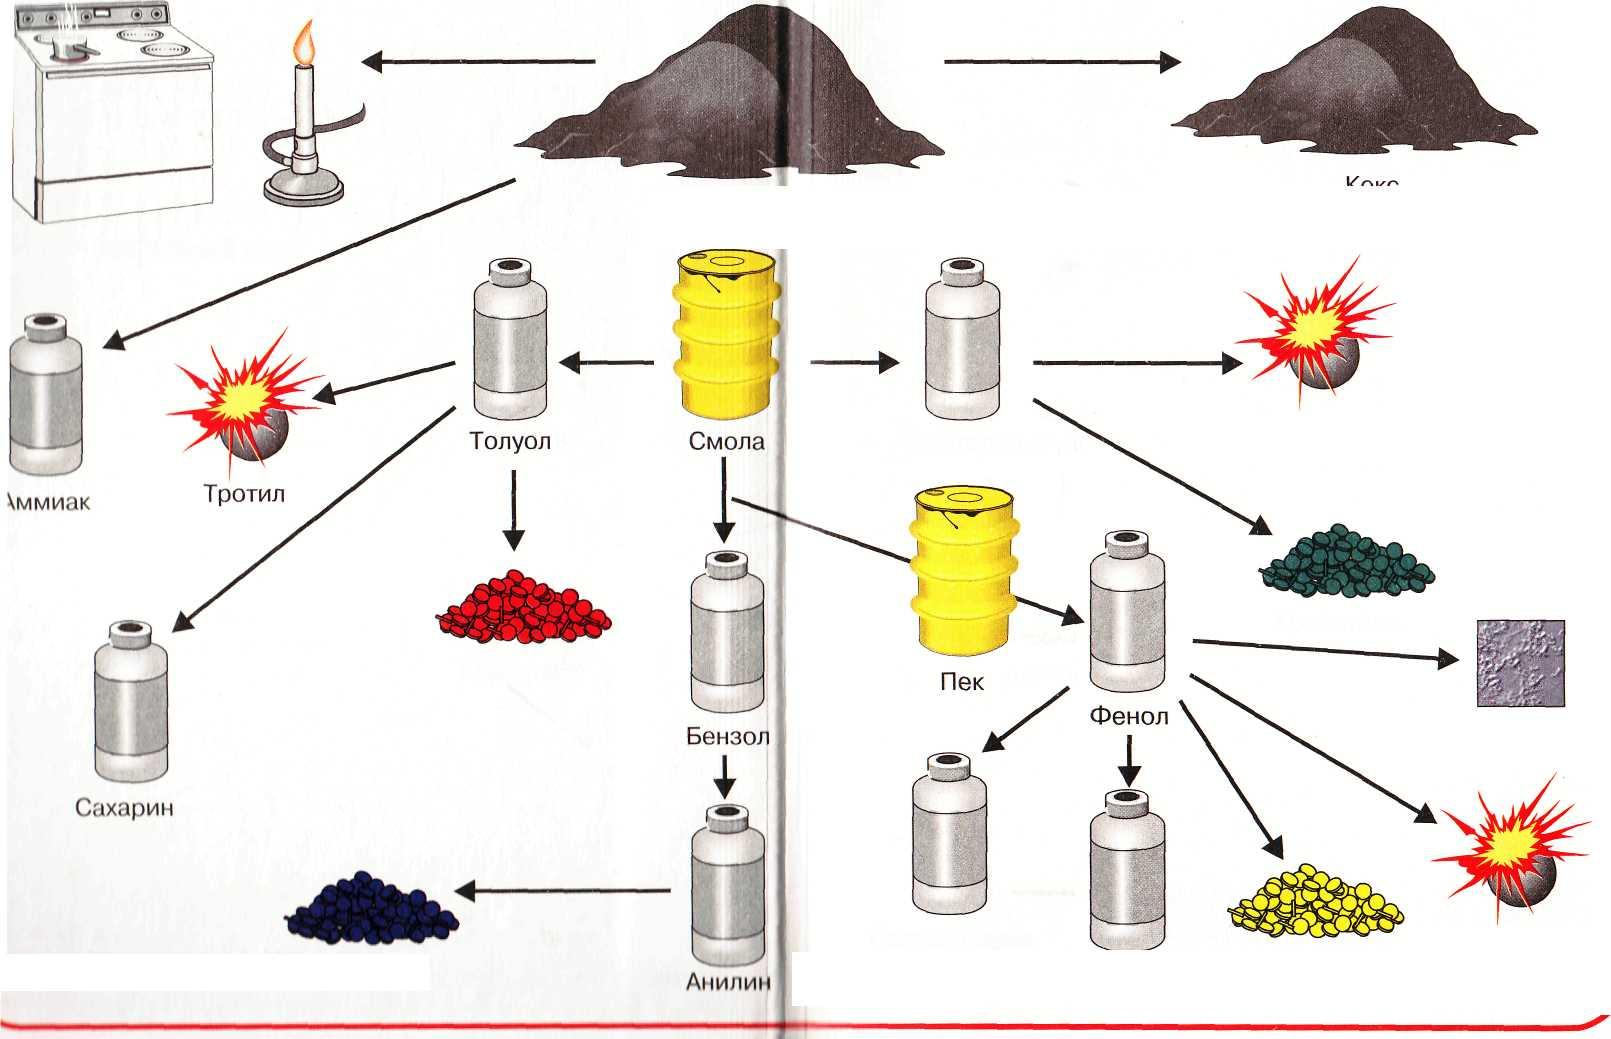 Продукты переработки каменного угля - Картинка 7557/33